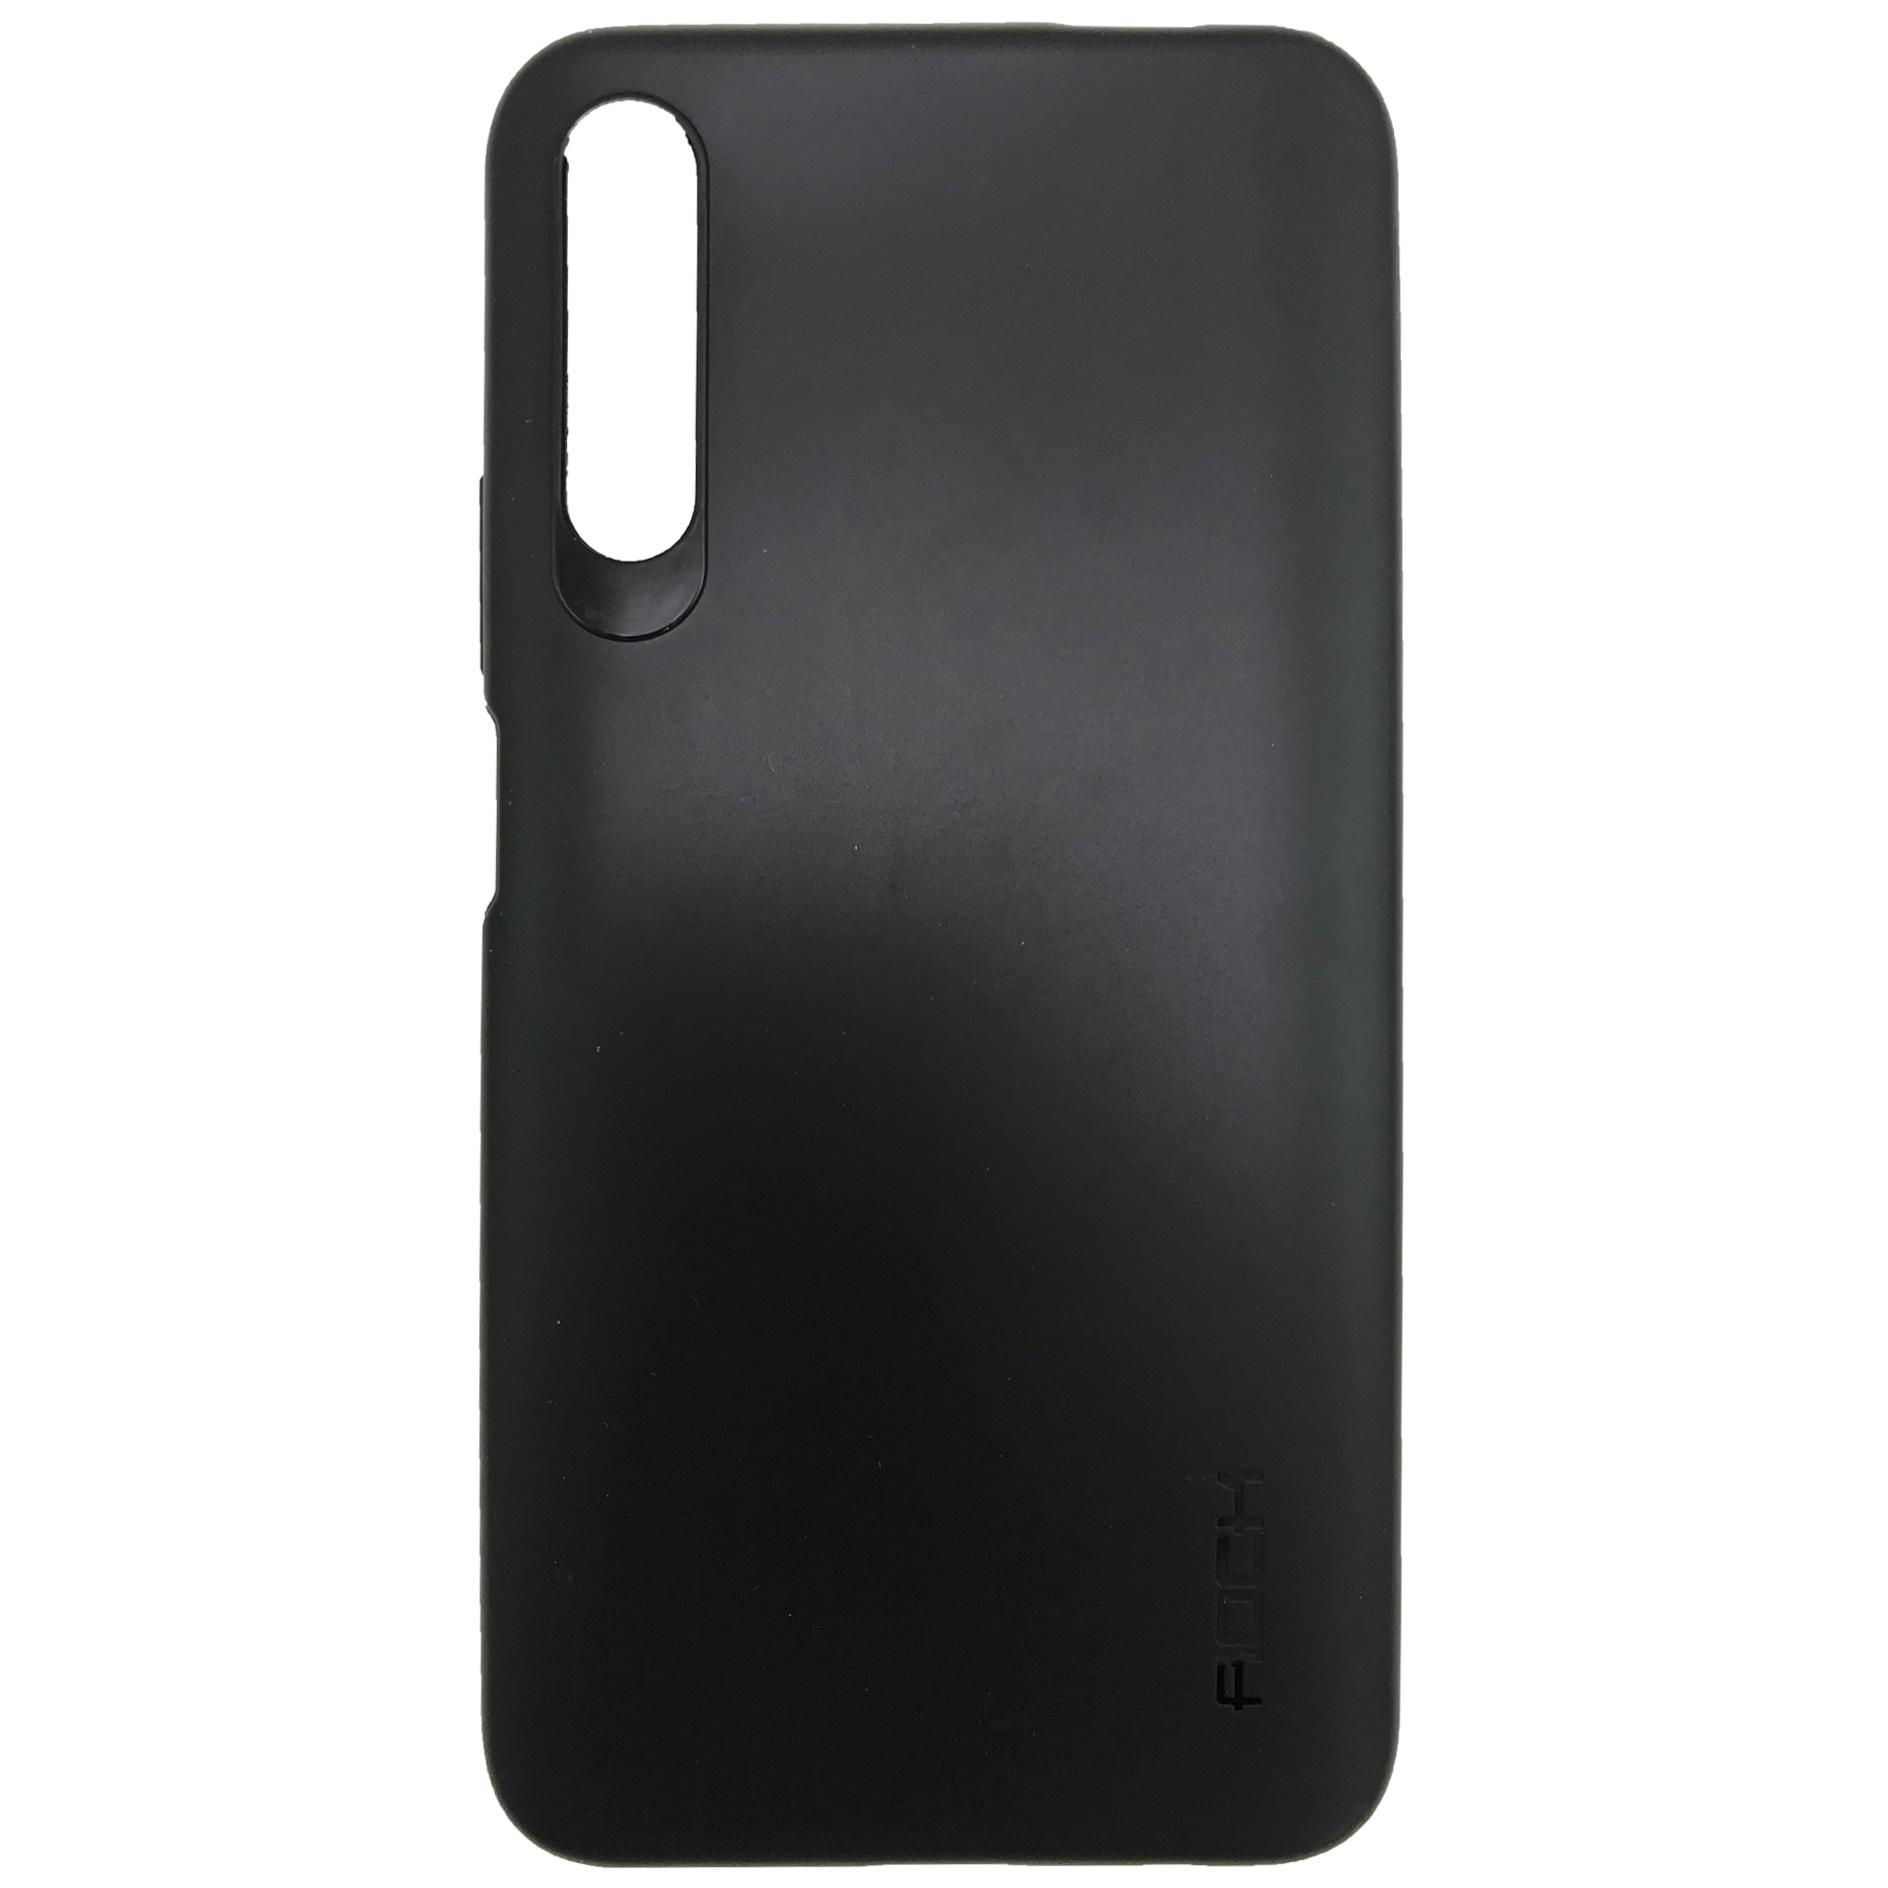 کاور مدل RCK مناسب برای گوشی موبایل آنر Y9s              ( قیمت و خرید)